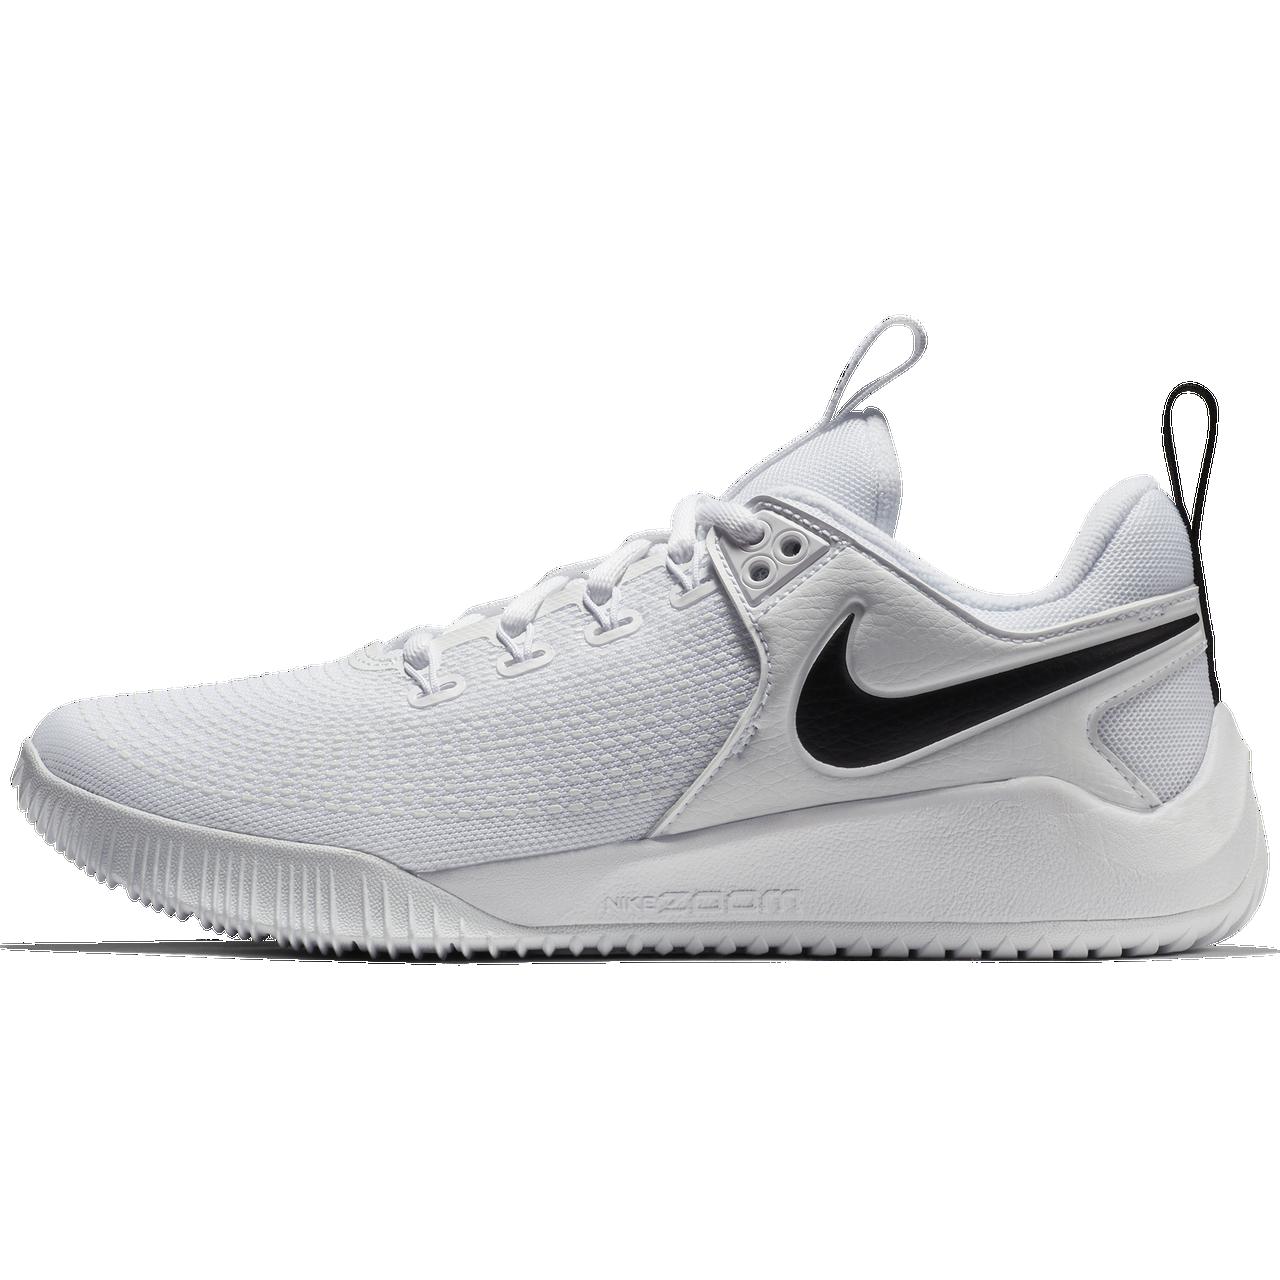 buy popular c904a e5b3e Nike Men s Zoom HyperAce 2 - White Black